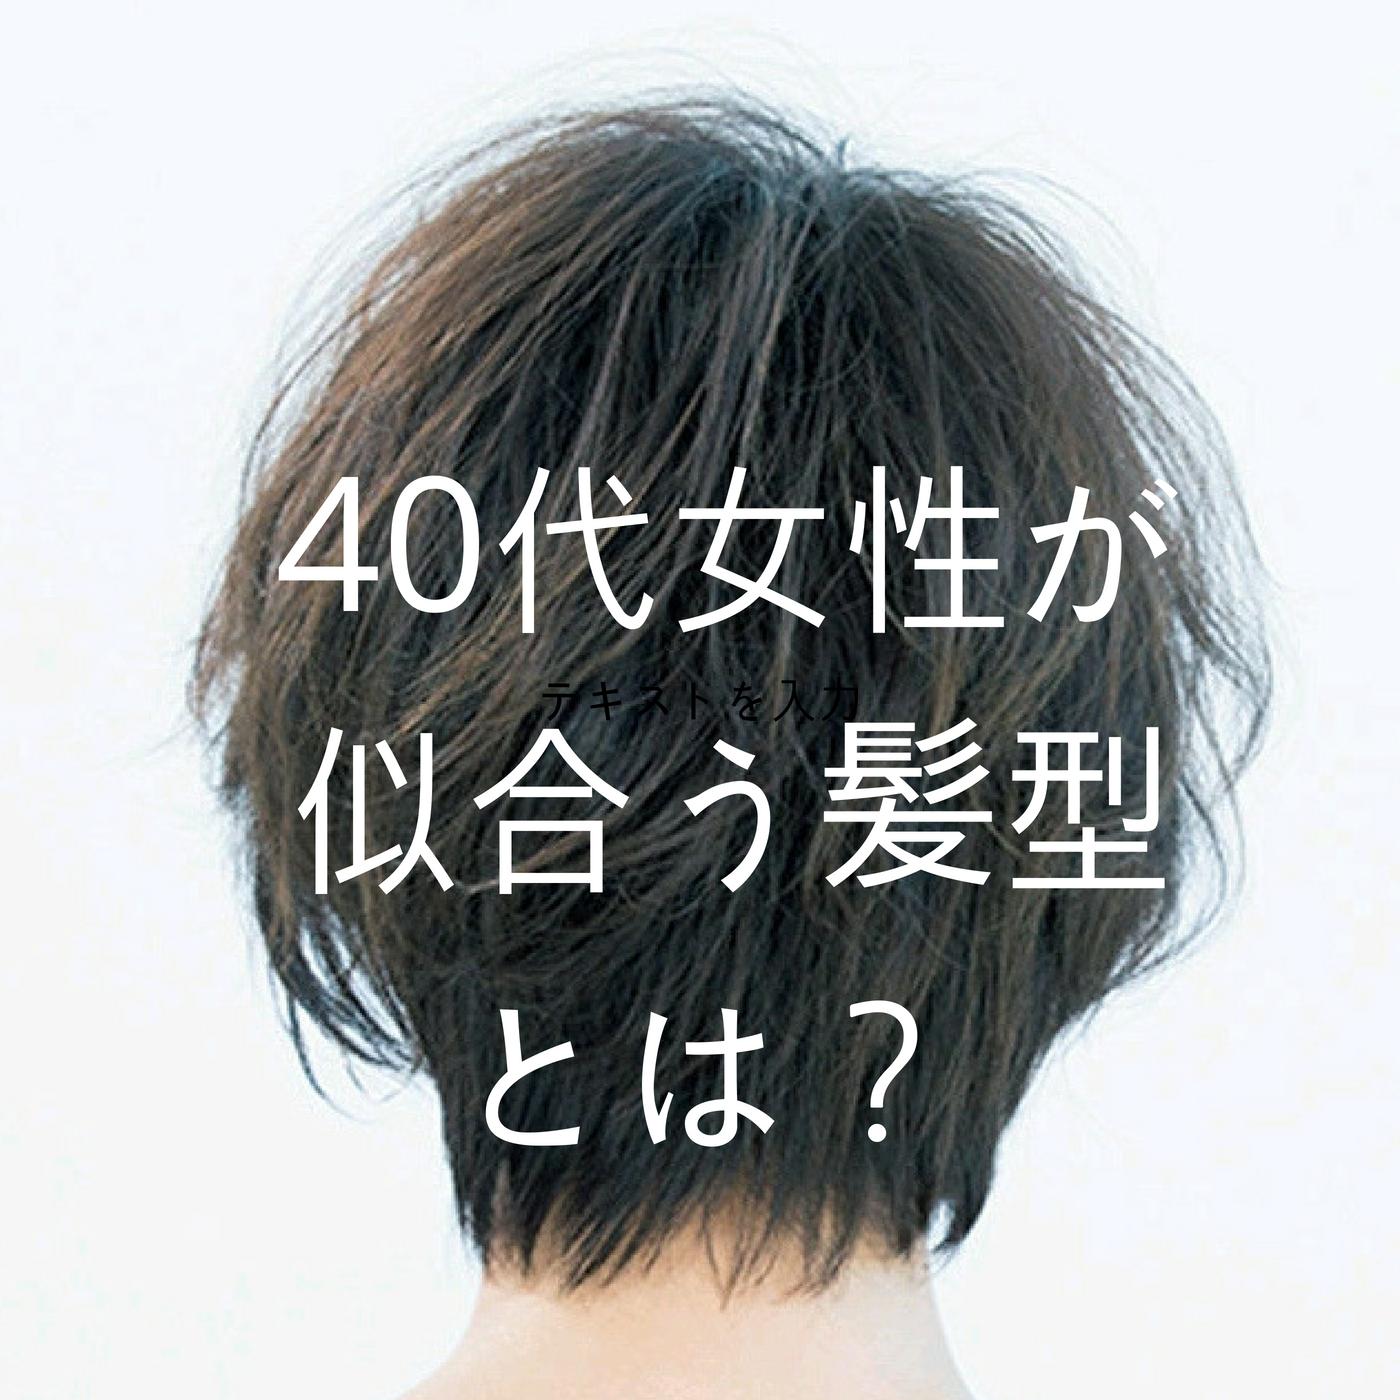 40代女性が似合う髪型とは? 丸顔・面長でも小顔に見える方法